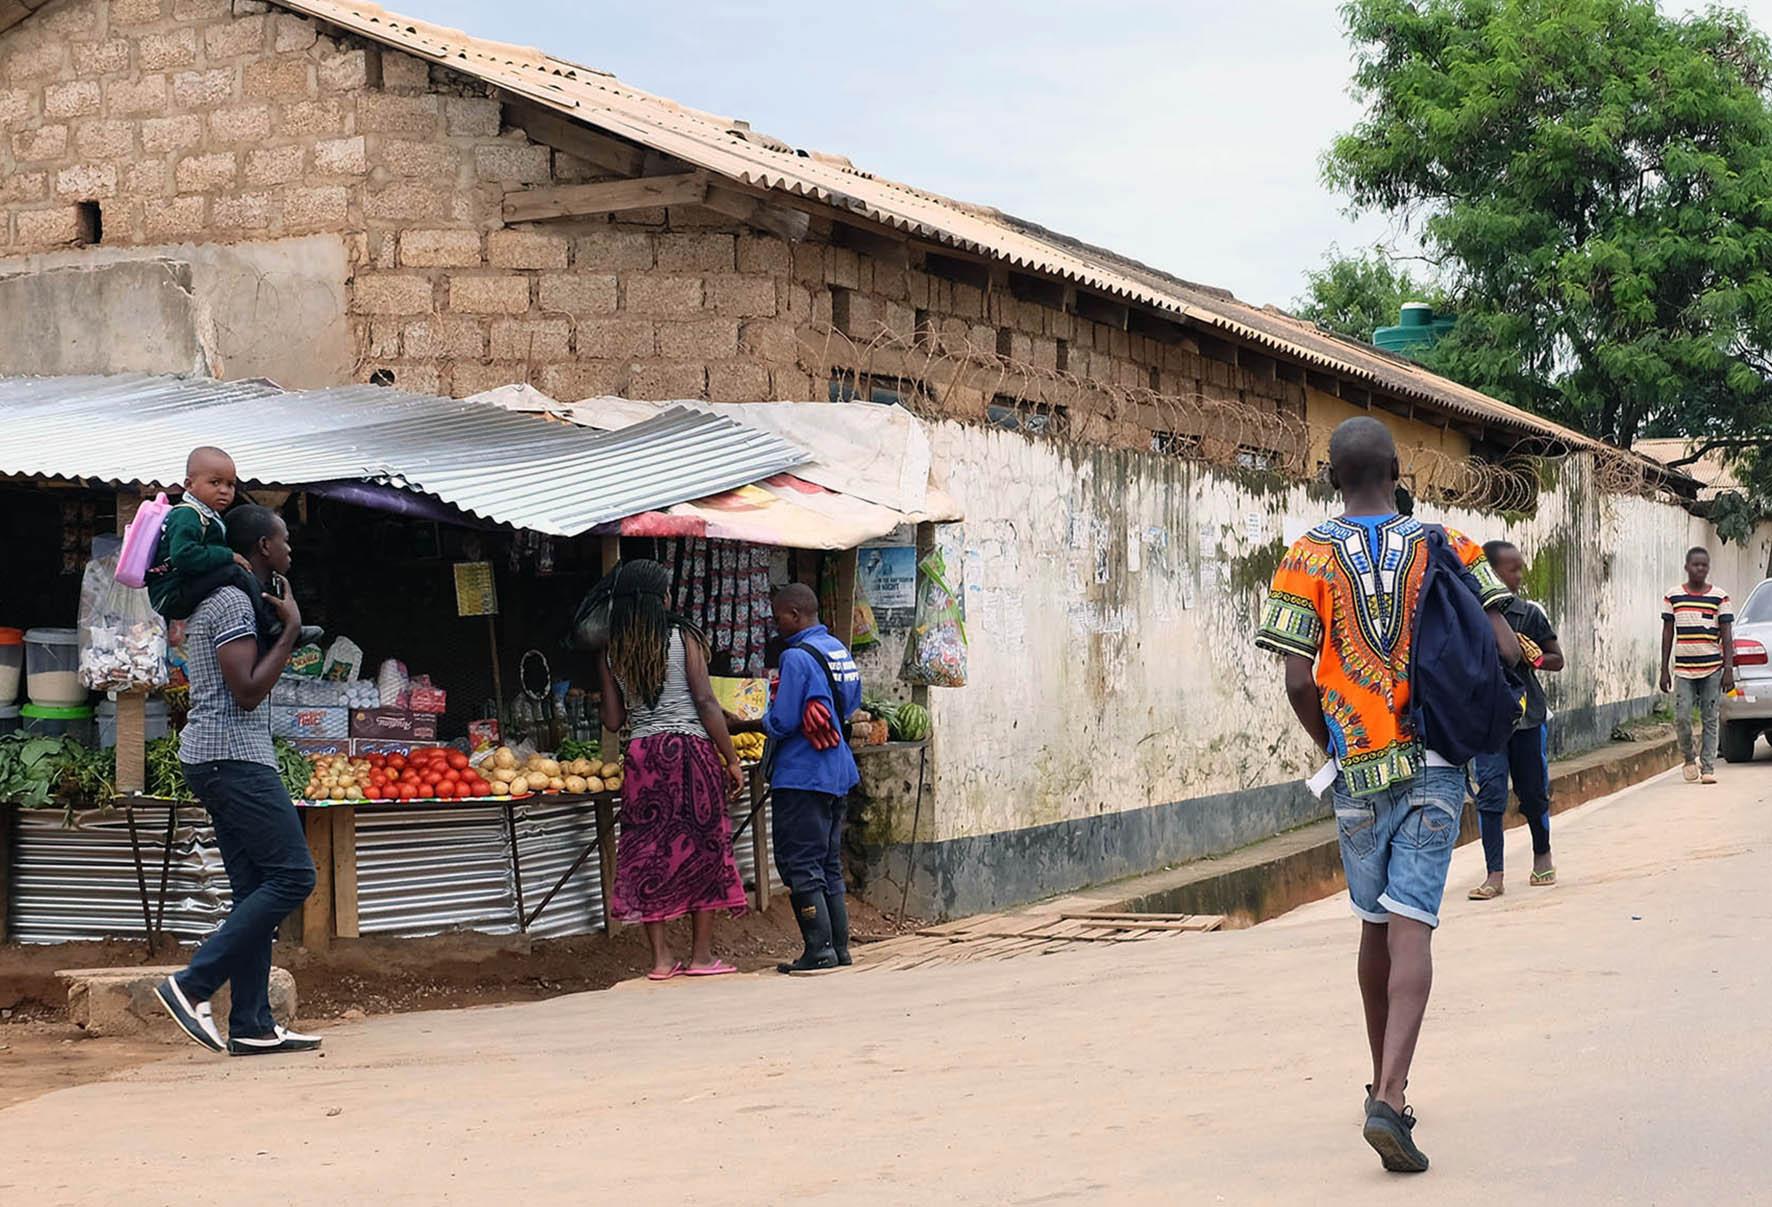 Rauhallinen asvalttipäällysteinen katu Lusakassa Sambiassa, nuori kävelee kadulla reppu selässään, vastaan kävelee 2 nuorta. Kadun laidassa on ruoka- ja vihanneskioski., jonka edessä on 3 aikuista ja yksi pikkulapsi.